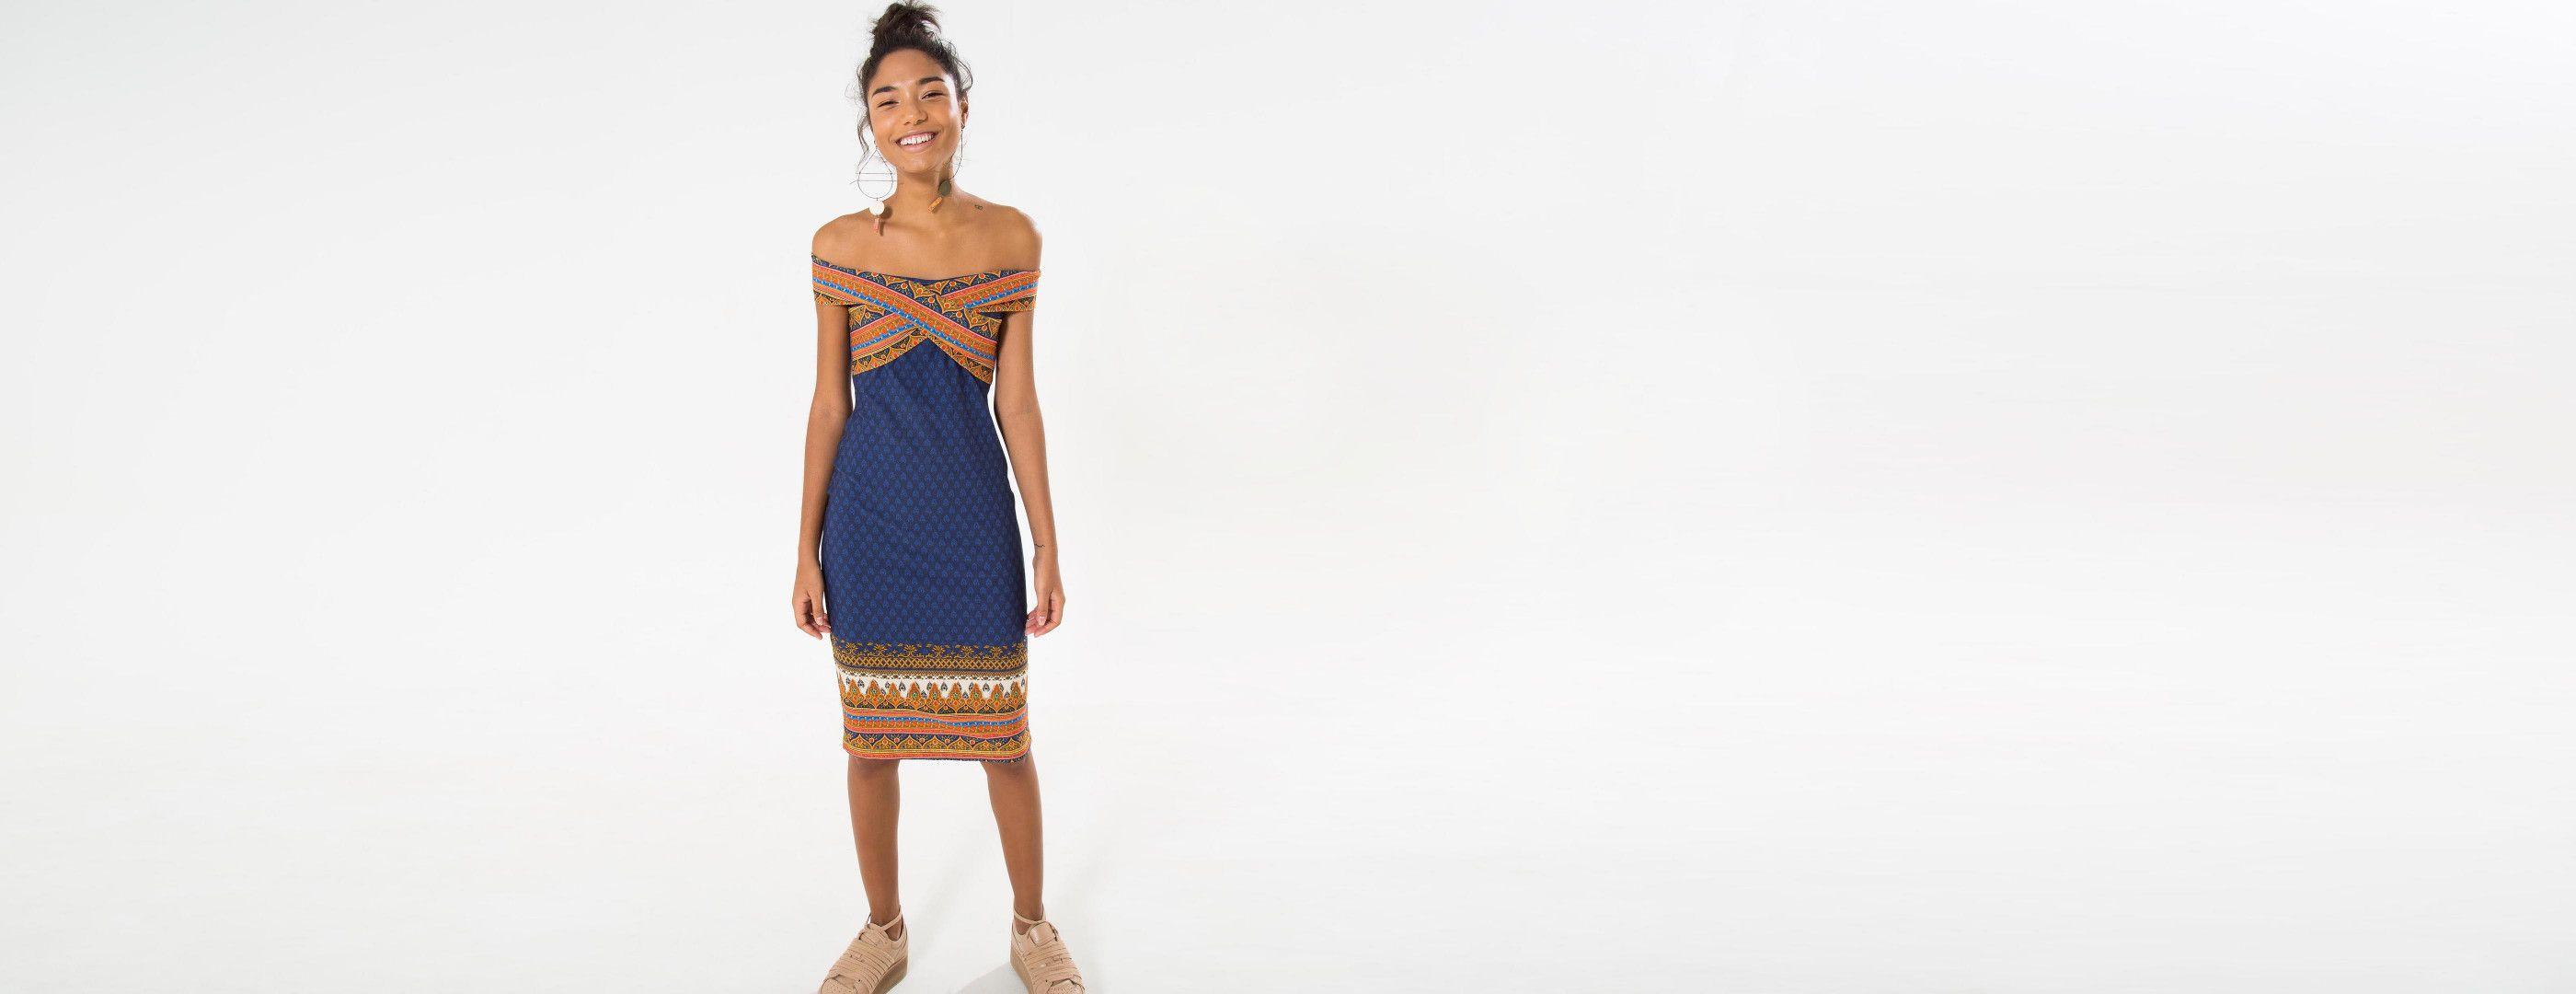 Fair dress doralice lenco | FARM